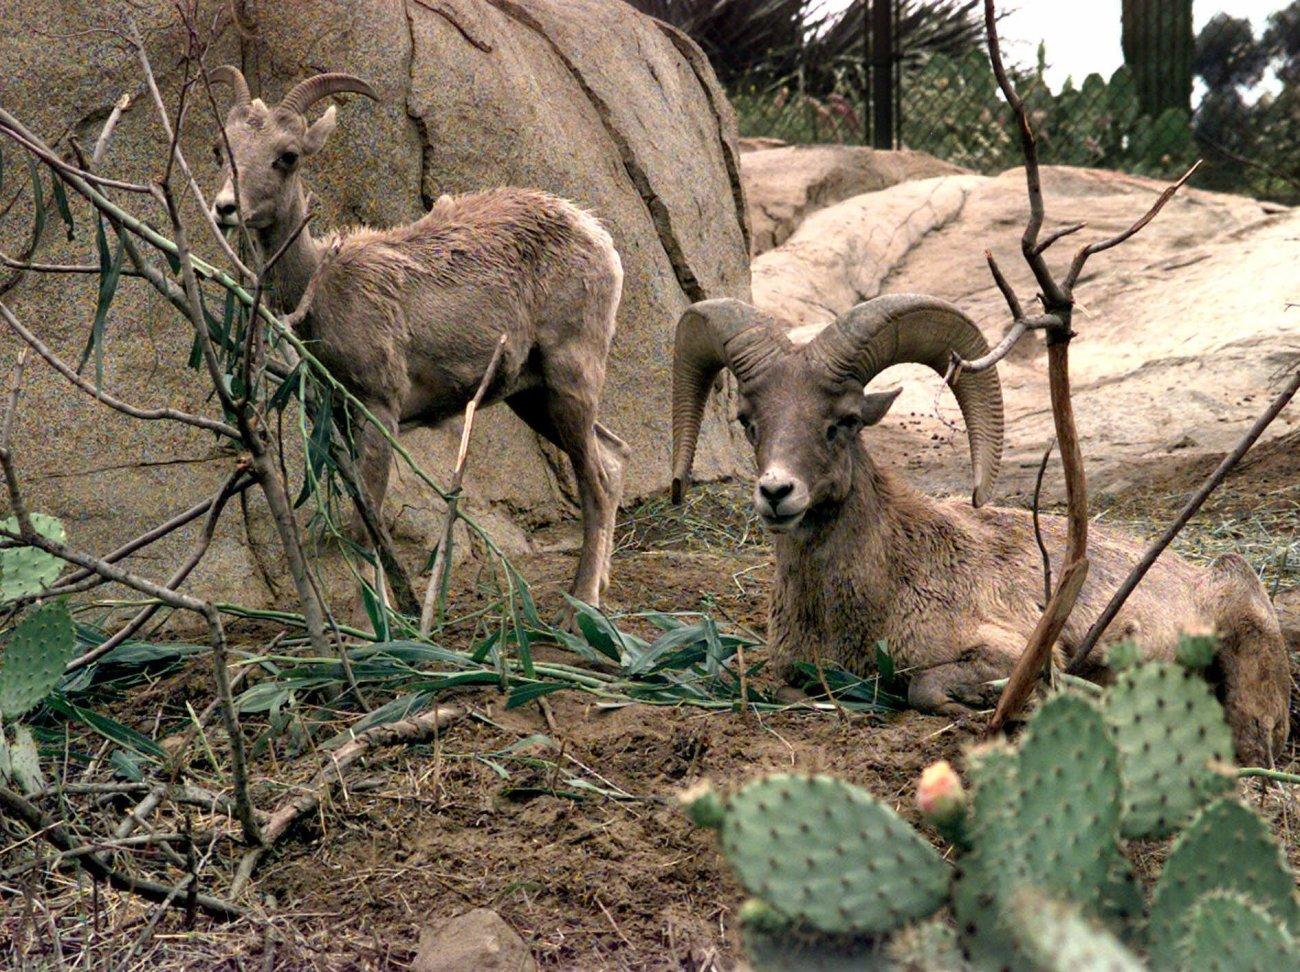 Disease may be killing California desert bighorn sheep